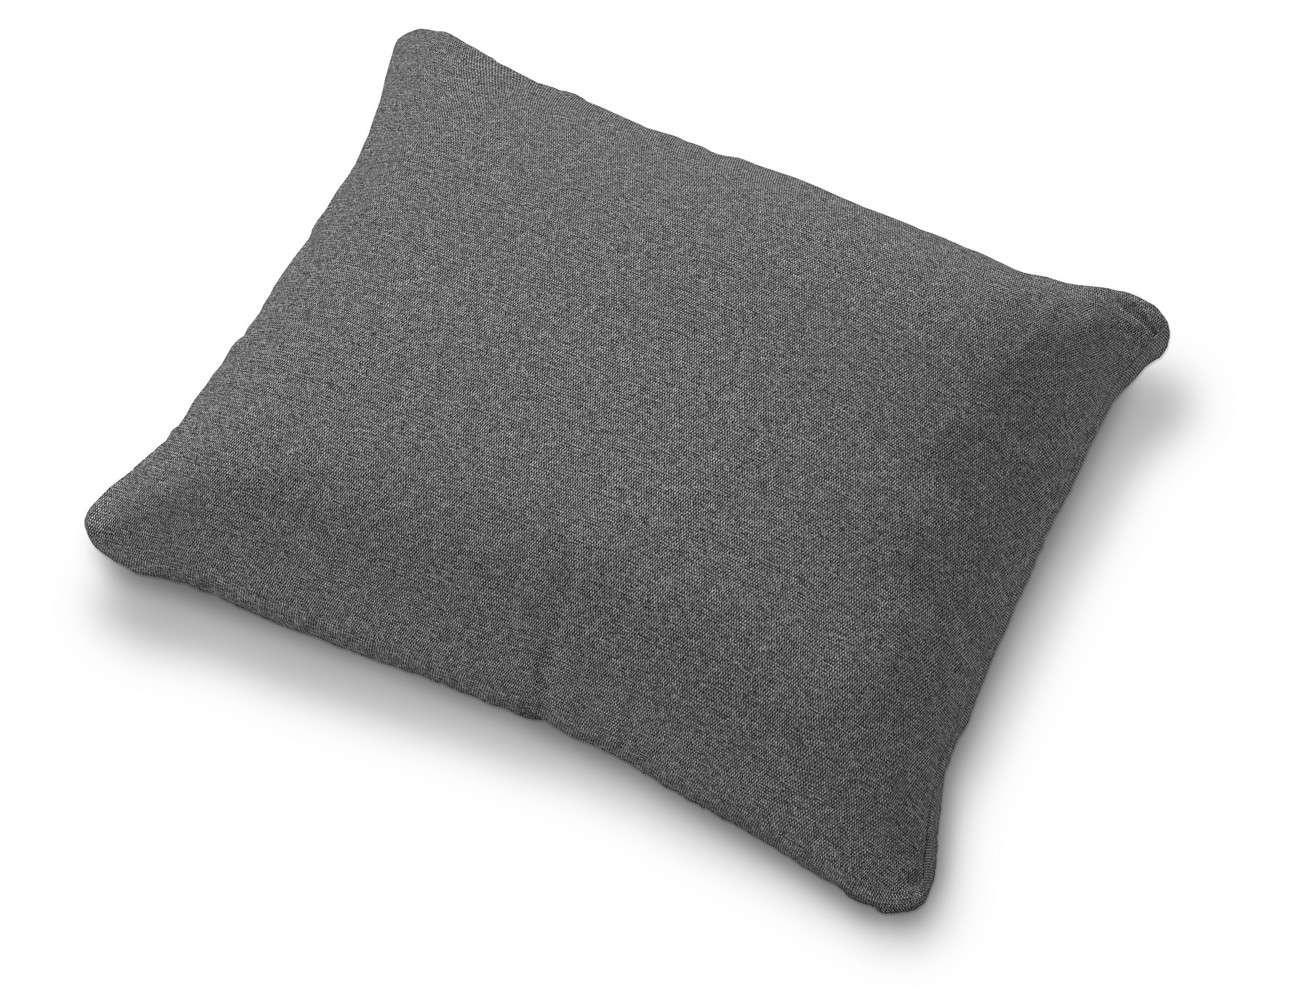 Poszewka na poduszkę Karlstad 58x48cm w kolekcji Amsterdam, tkanina: 704-47